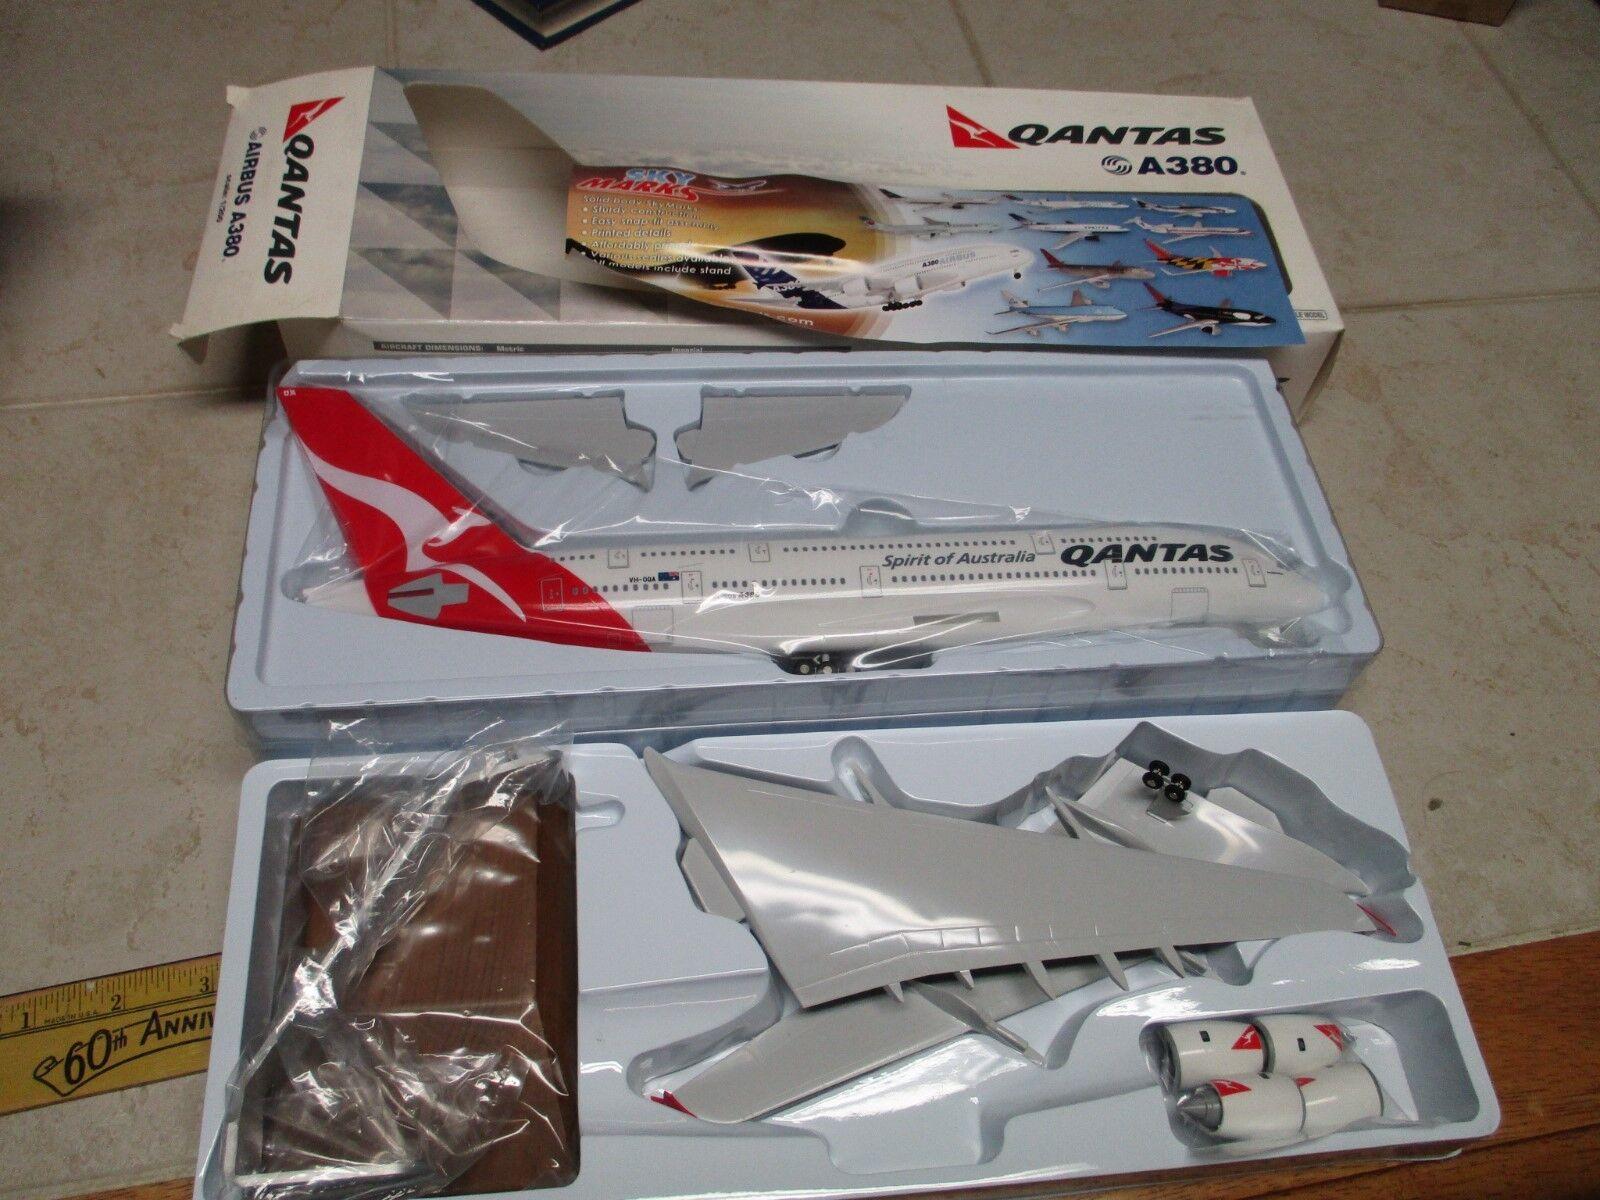 Vintage New Qantas esprit Australie hobbyco A380 échelle 1 200 Modèle réduit d'avion Air Bus